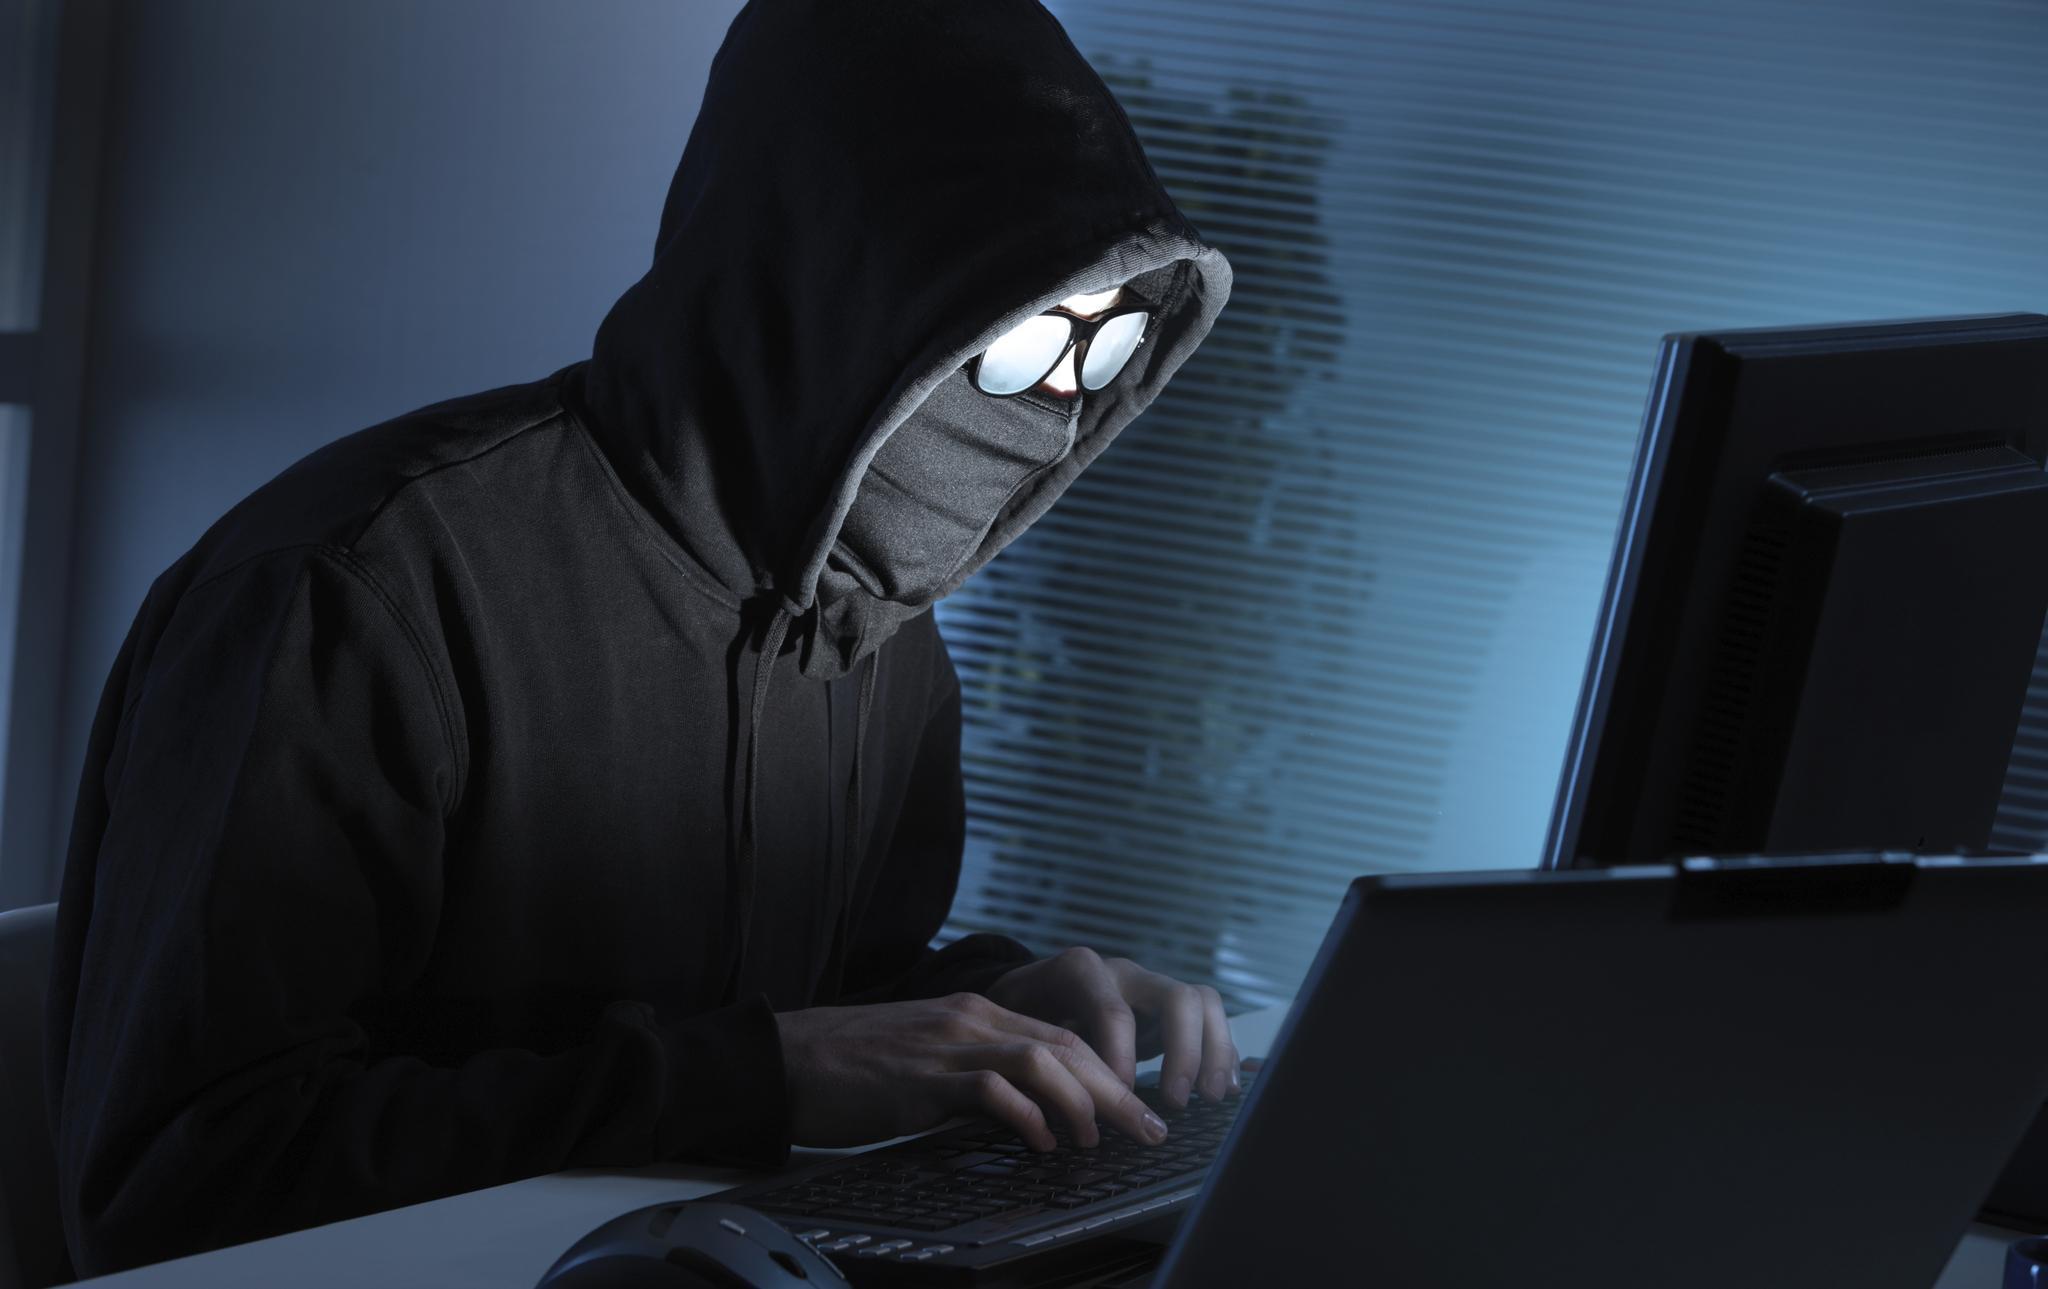 Эксперты назвали самую дорогую теневую киберуслугу